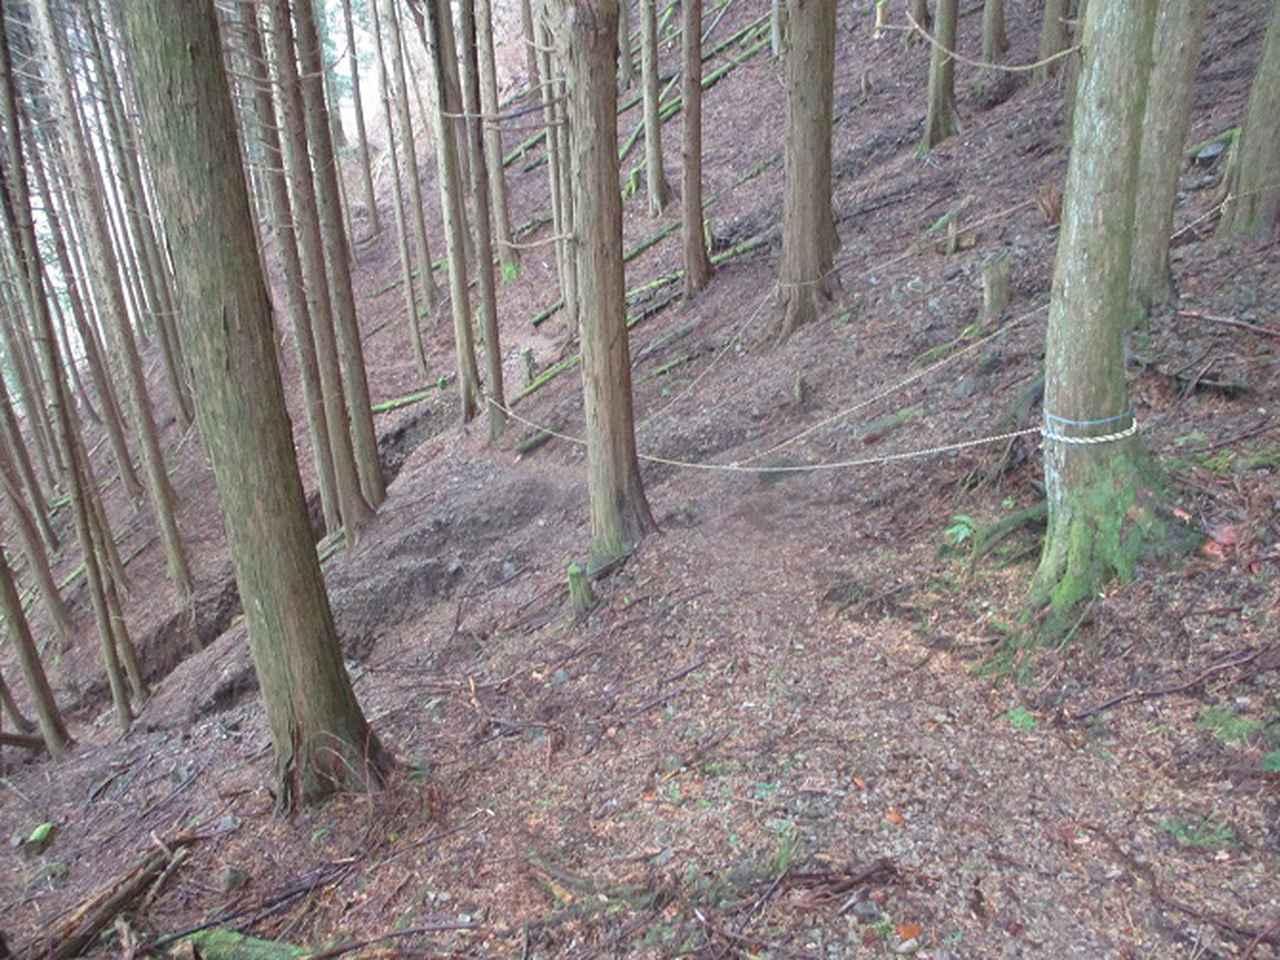 画像14: 来年冬の企画素材を探して静岡県の山を歩いてみました!